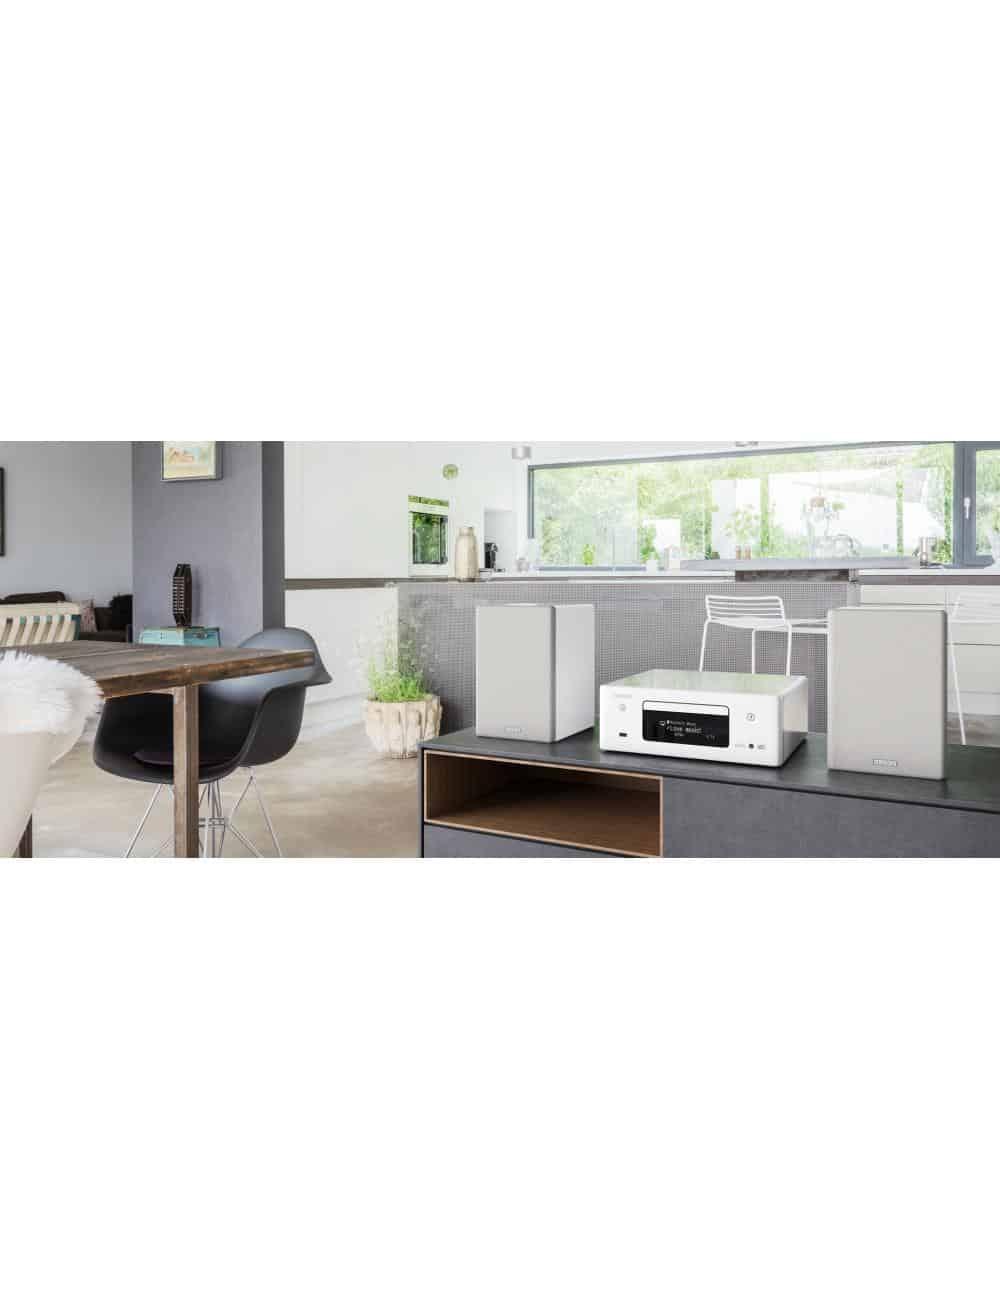 Denon CEOL N11DAB, sistema audio amplificato con Sintonizzatore DAB+ e FM -Lettore CD, Potenza 2x 30 W, bianco, lifestyle